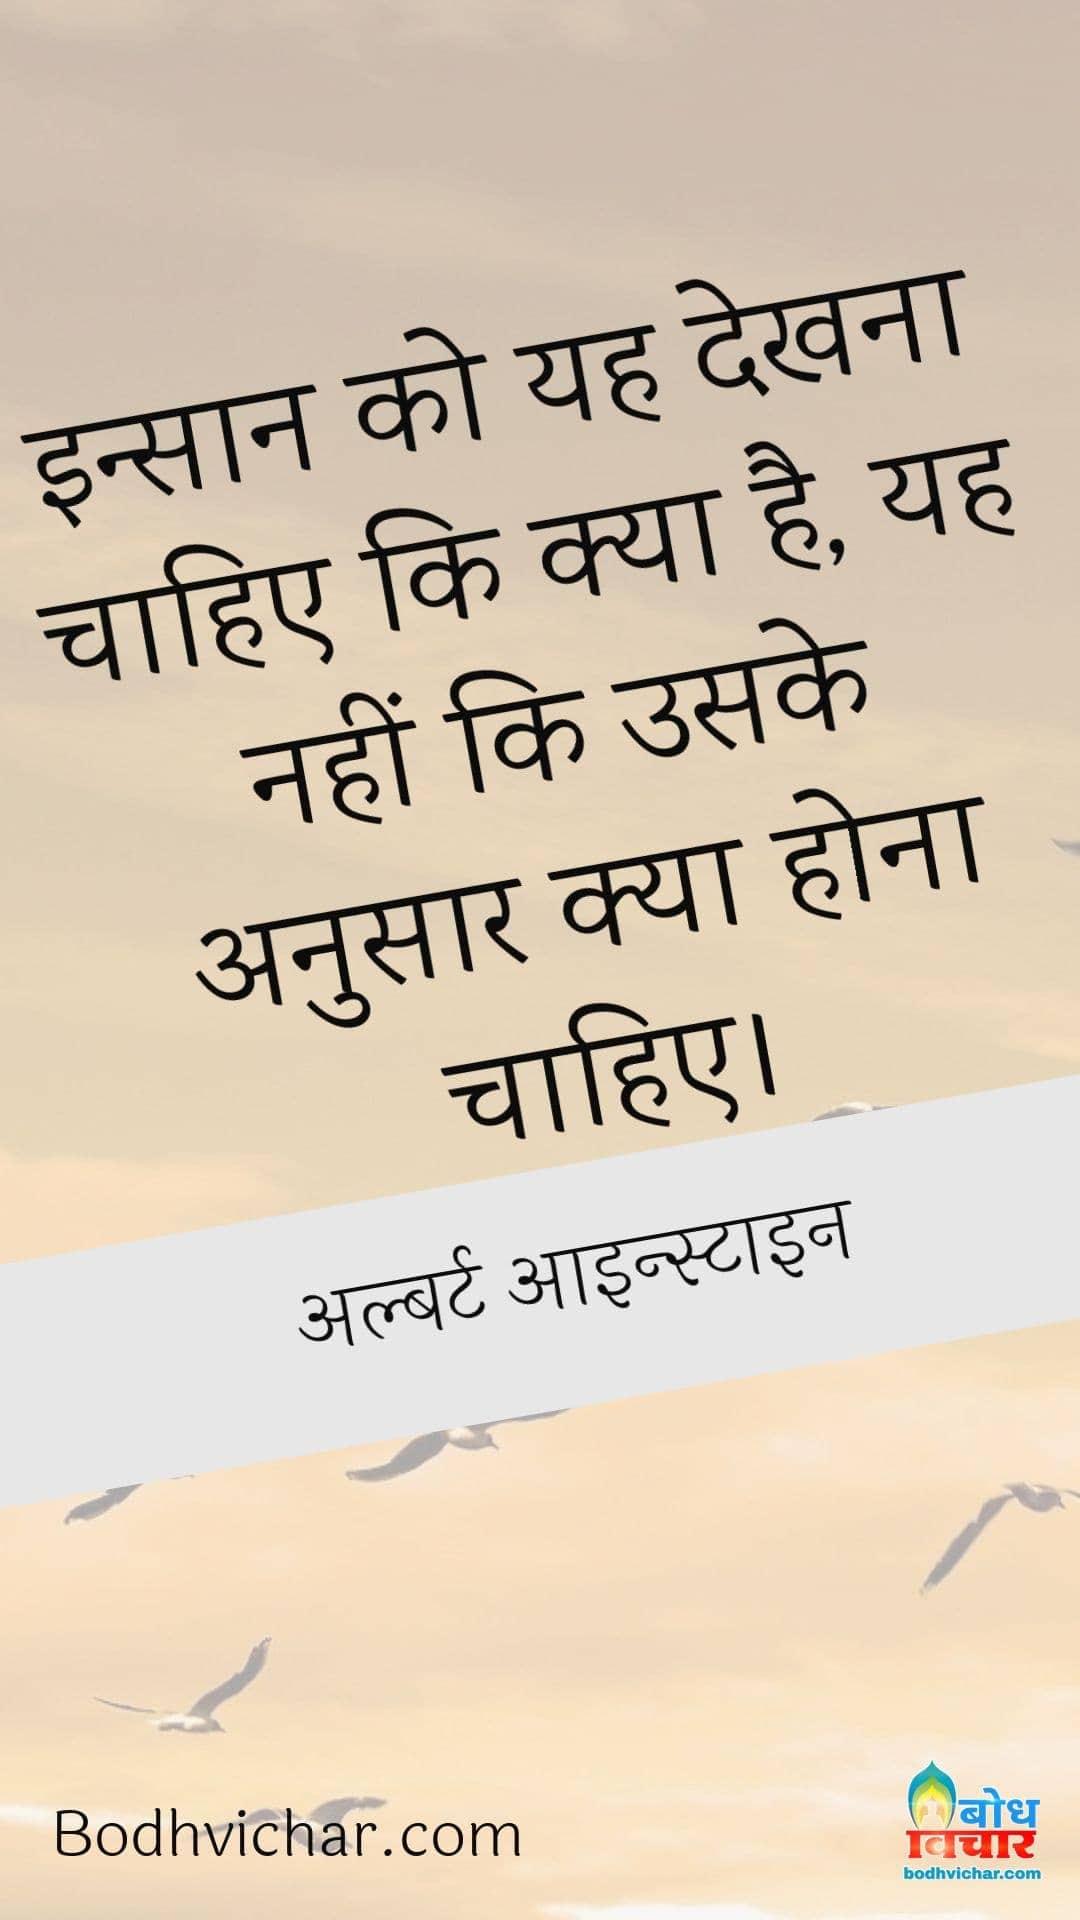 इन्सान को यह देखना चाहिए कि क्या है, यह नहीं कि उसके अनुसार क्या होना चाहिए। : Insaan Ko Yah Dekhna Chahiye ki kya hai. Yah Nahin ki uske anusaar kya hona chahiye. - अल्बर्ट आइन्स्टाइन